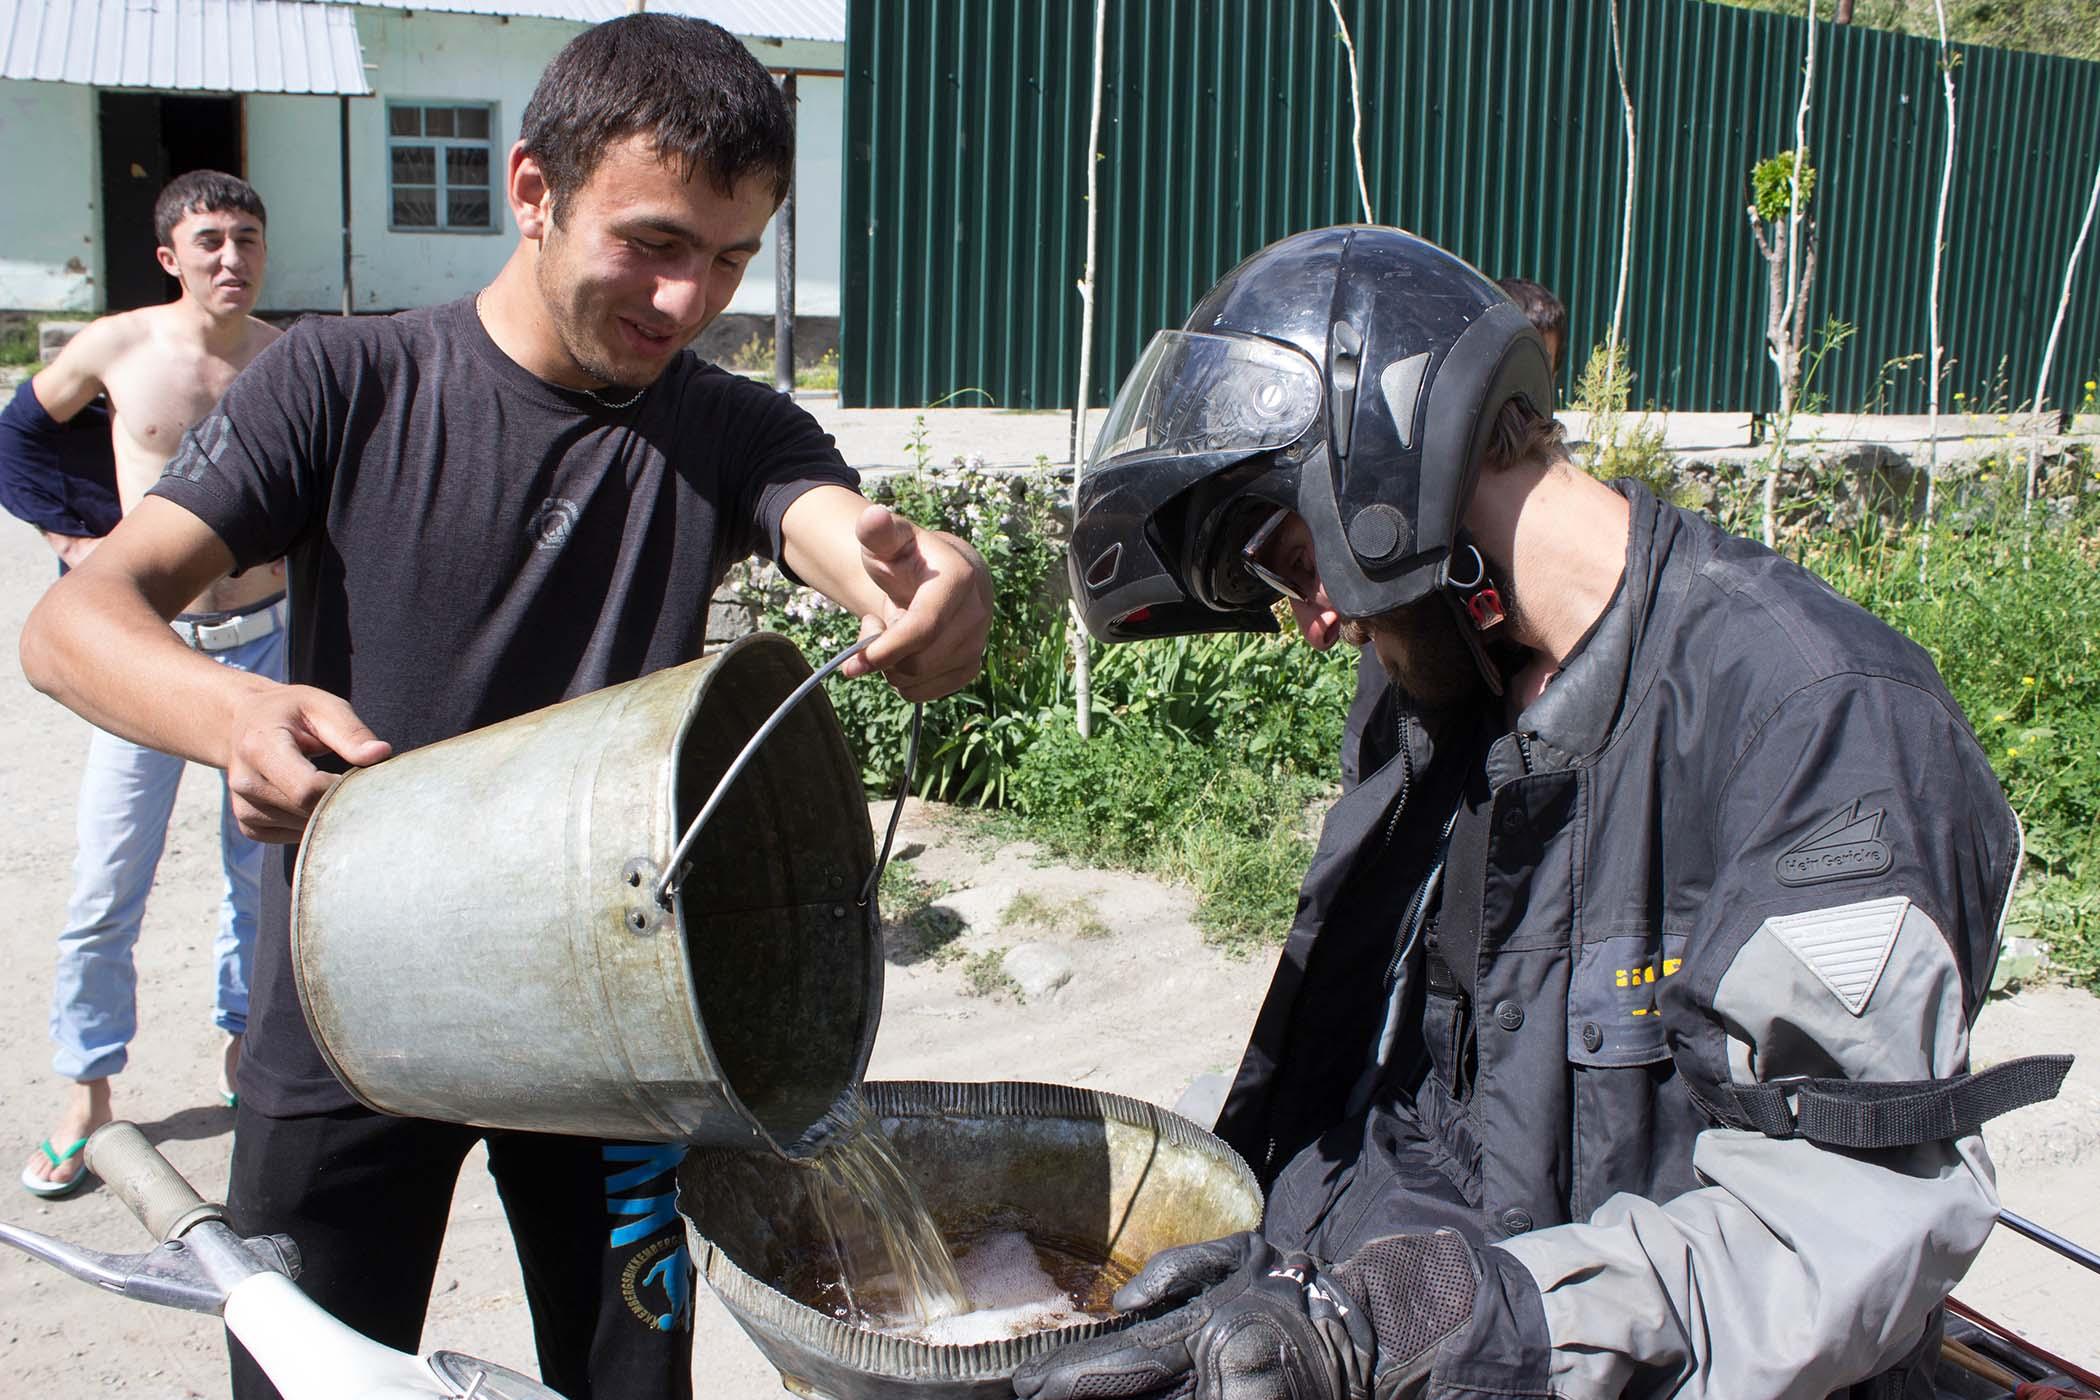 Tanking petrol in Tajikistan